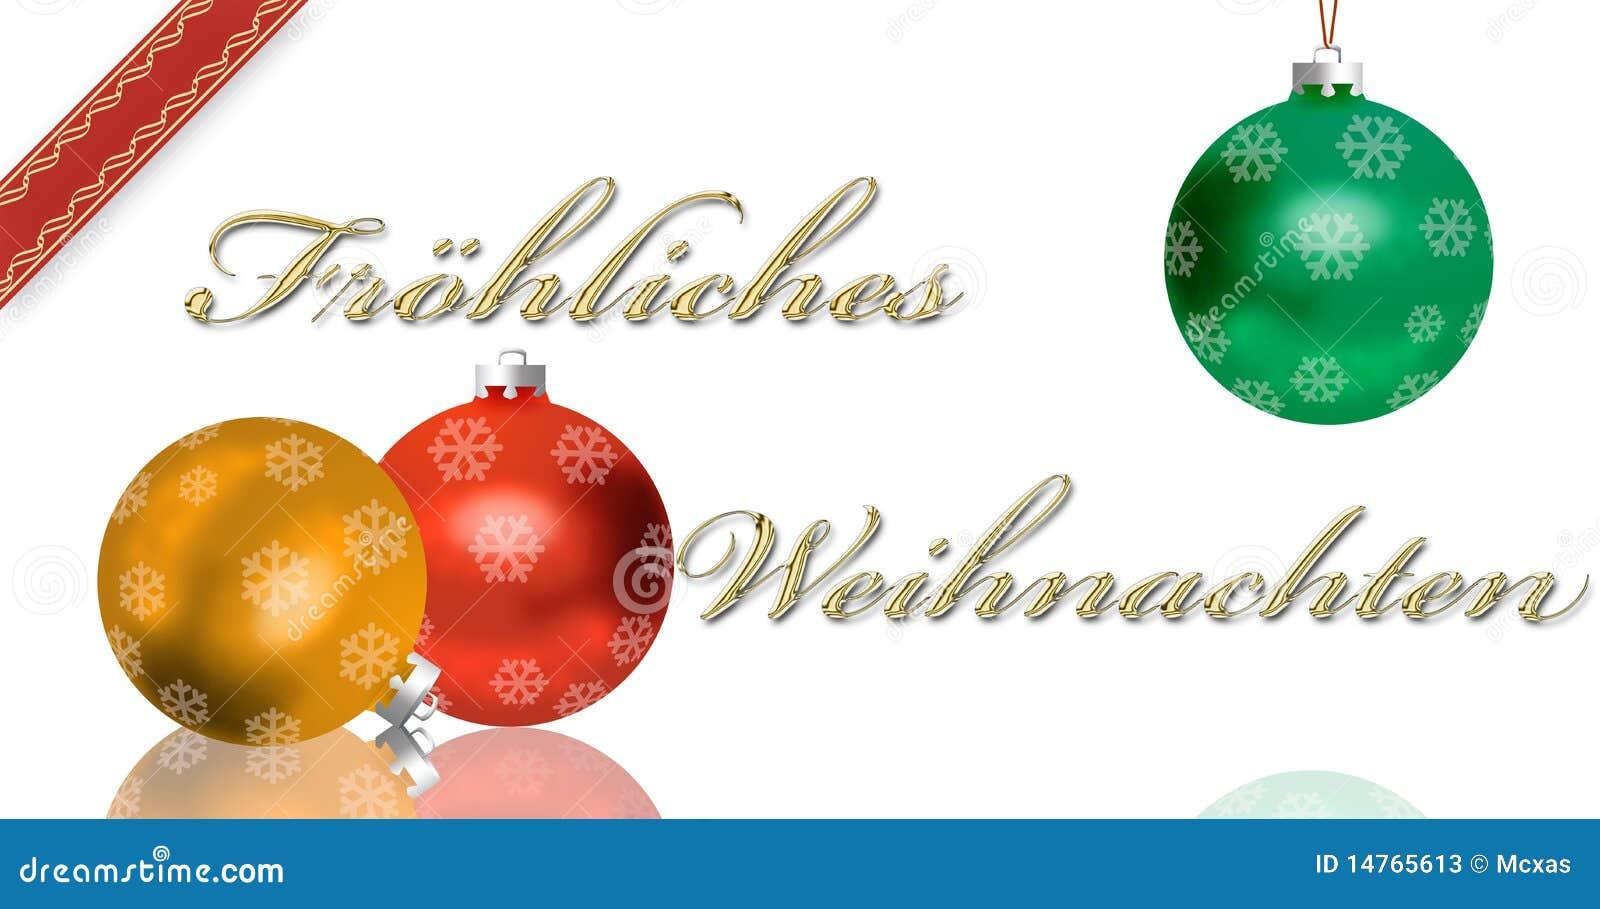 Auguri Di Matrimonio In Tedesco : Cartolina d auguri tedesca di natale illustrazione